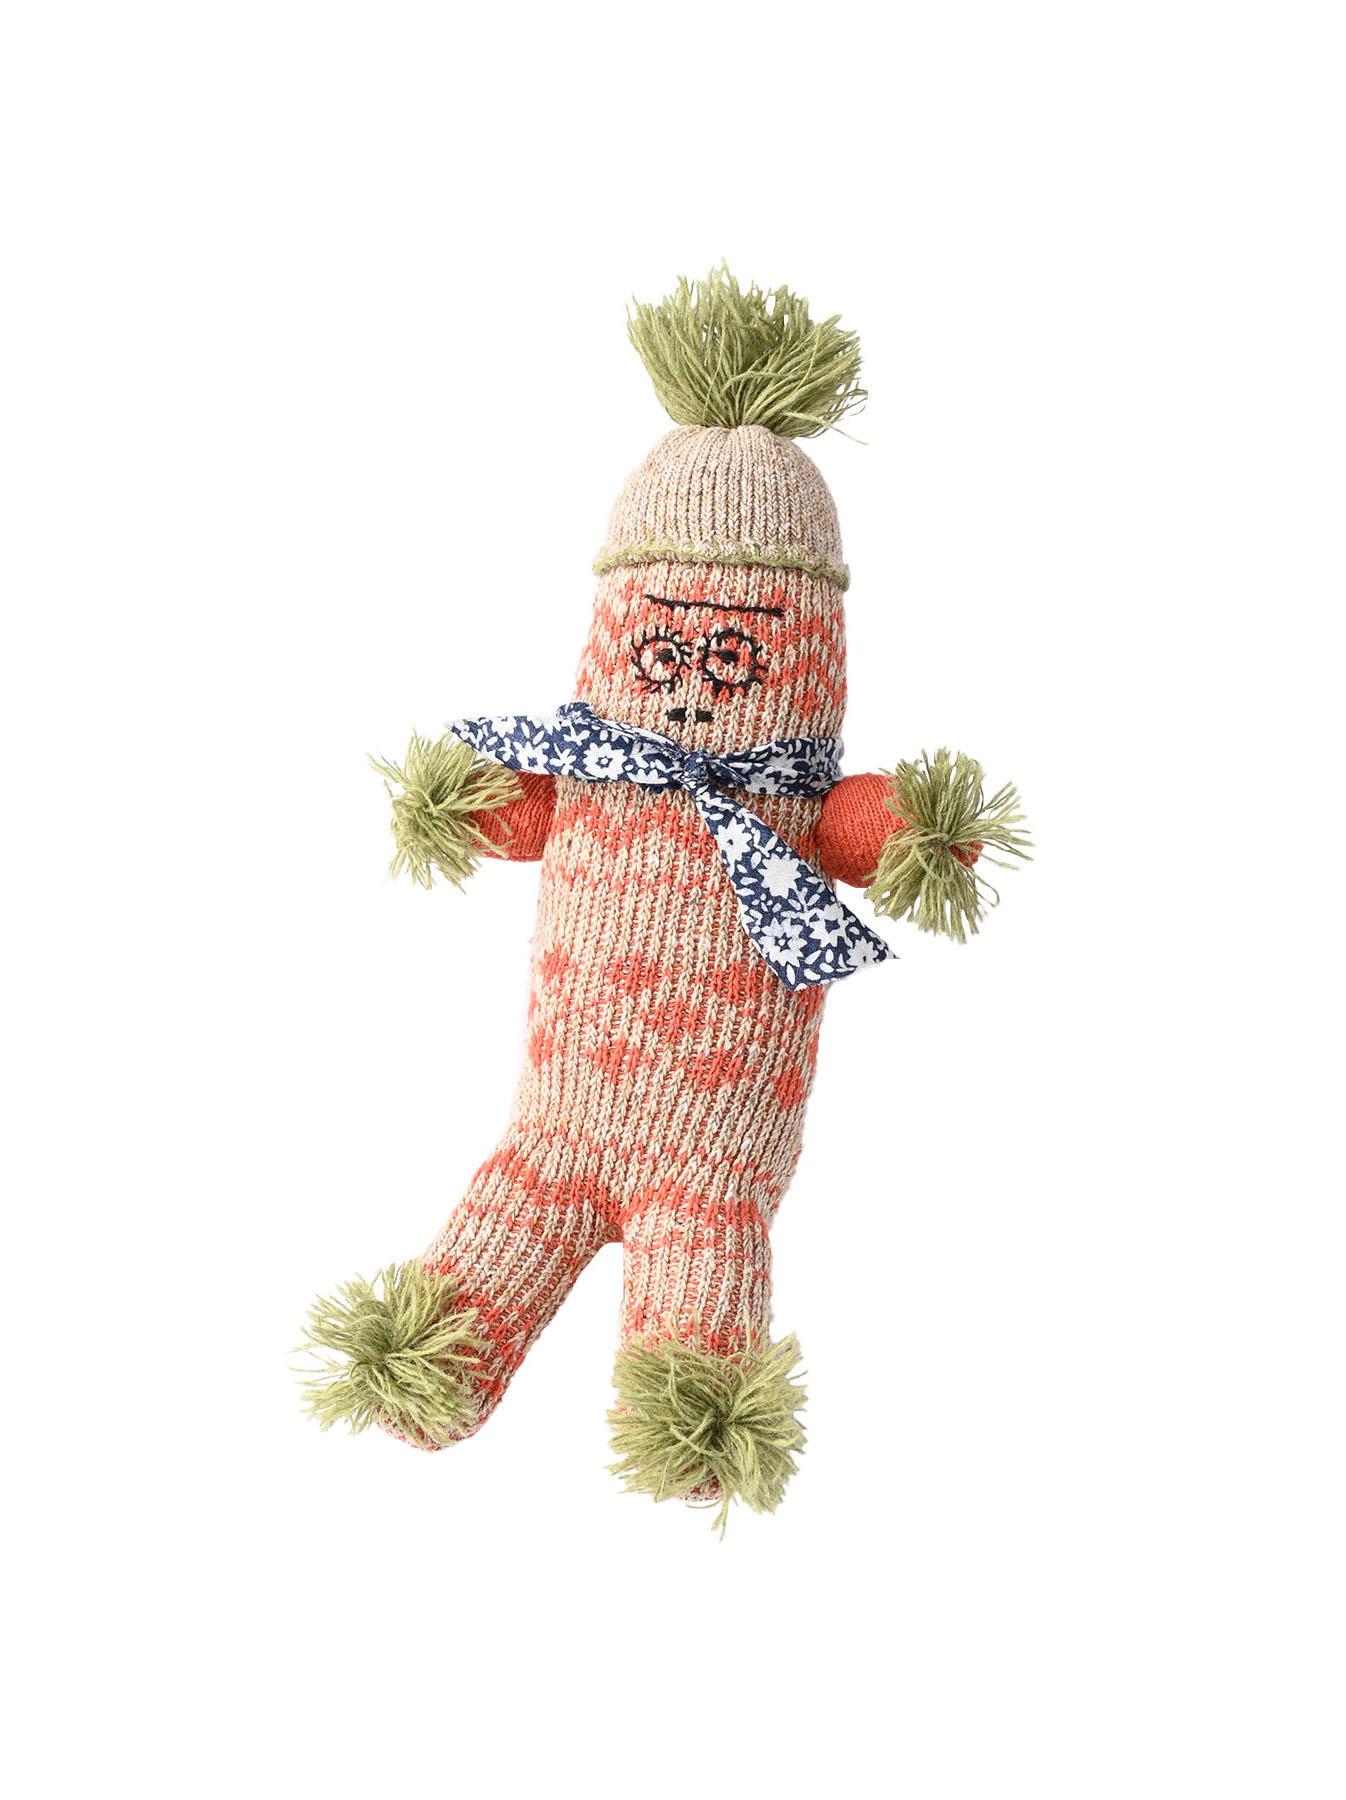 Hamacchu Doll-1